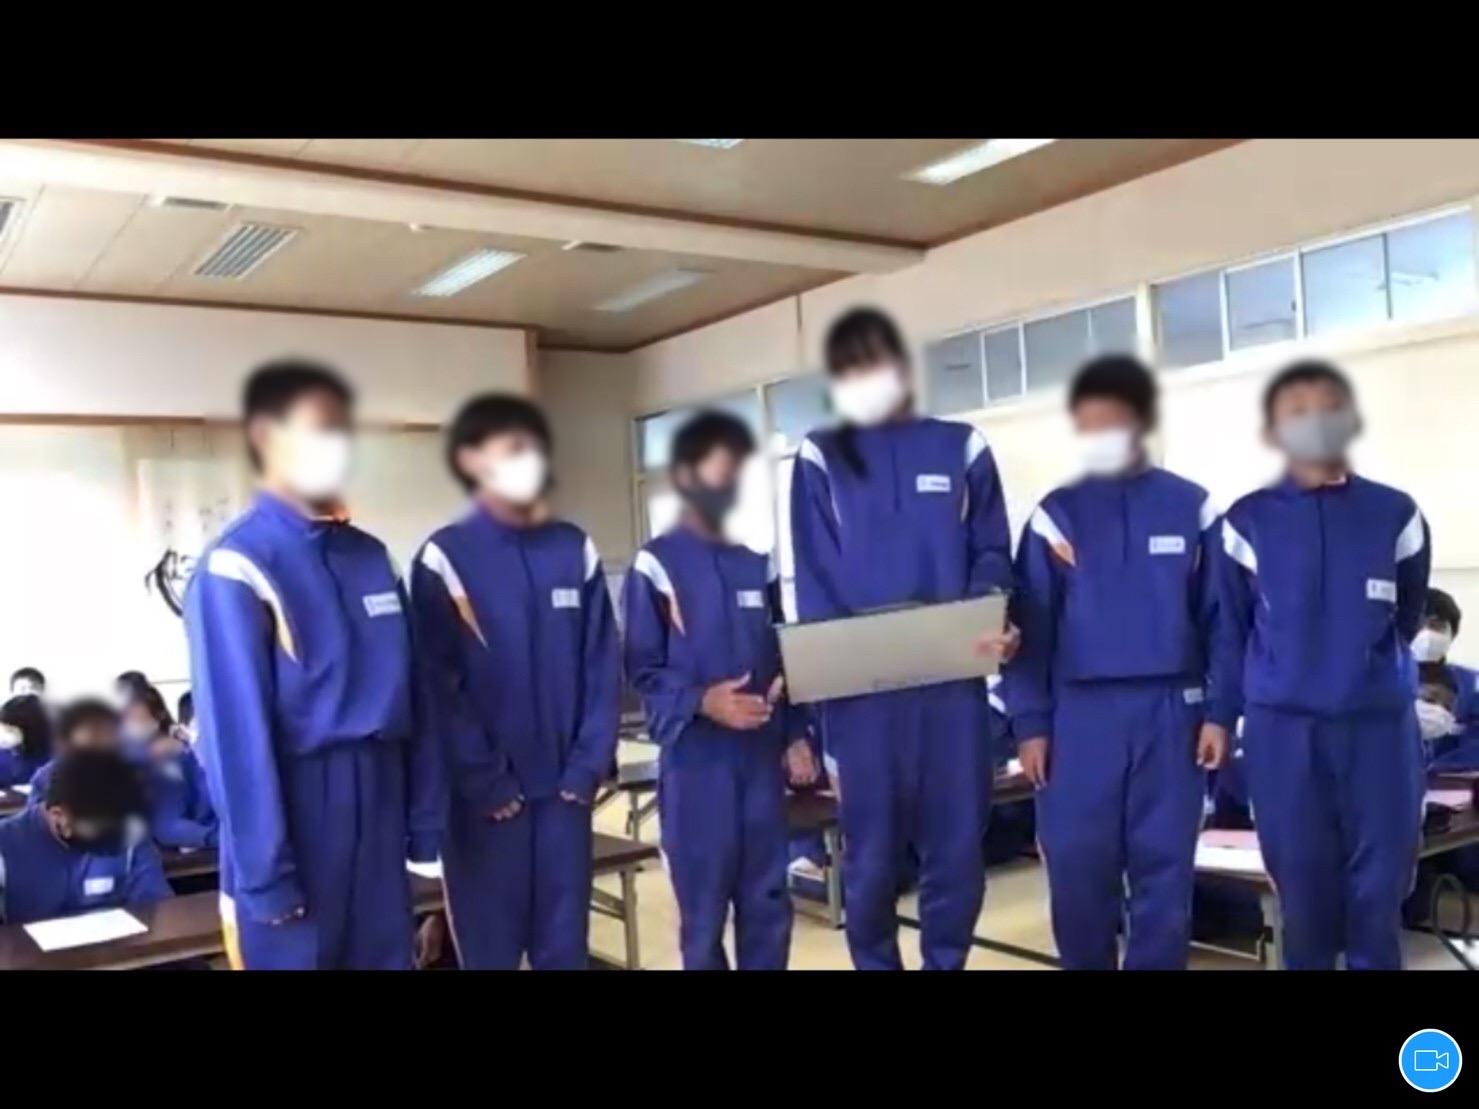 11月25日(木)福井県若狭町立気山小学校にて、日本ハム株式会社とインターネットで繋がる遠隔授業を実施しました。